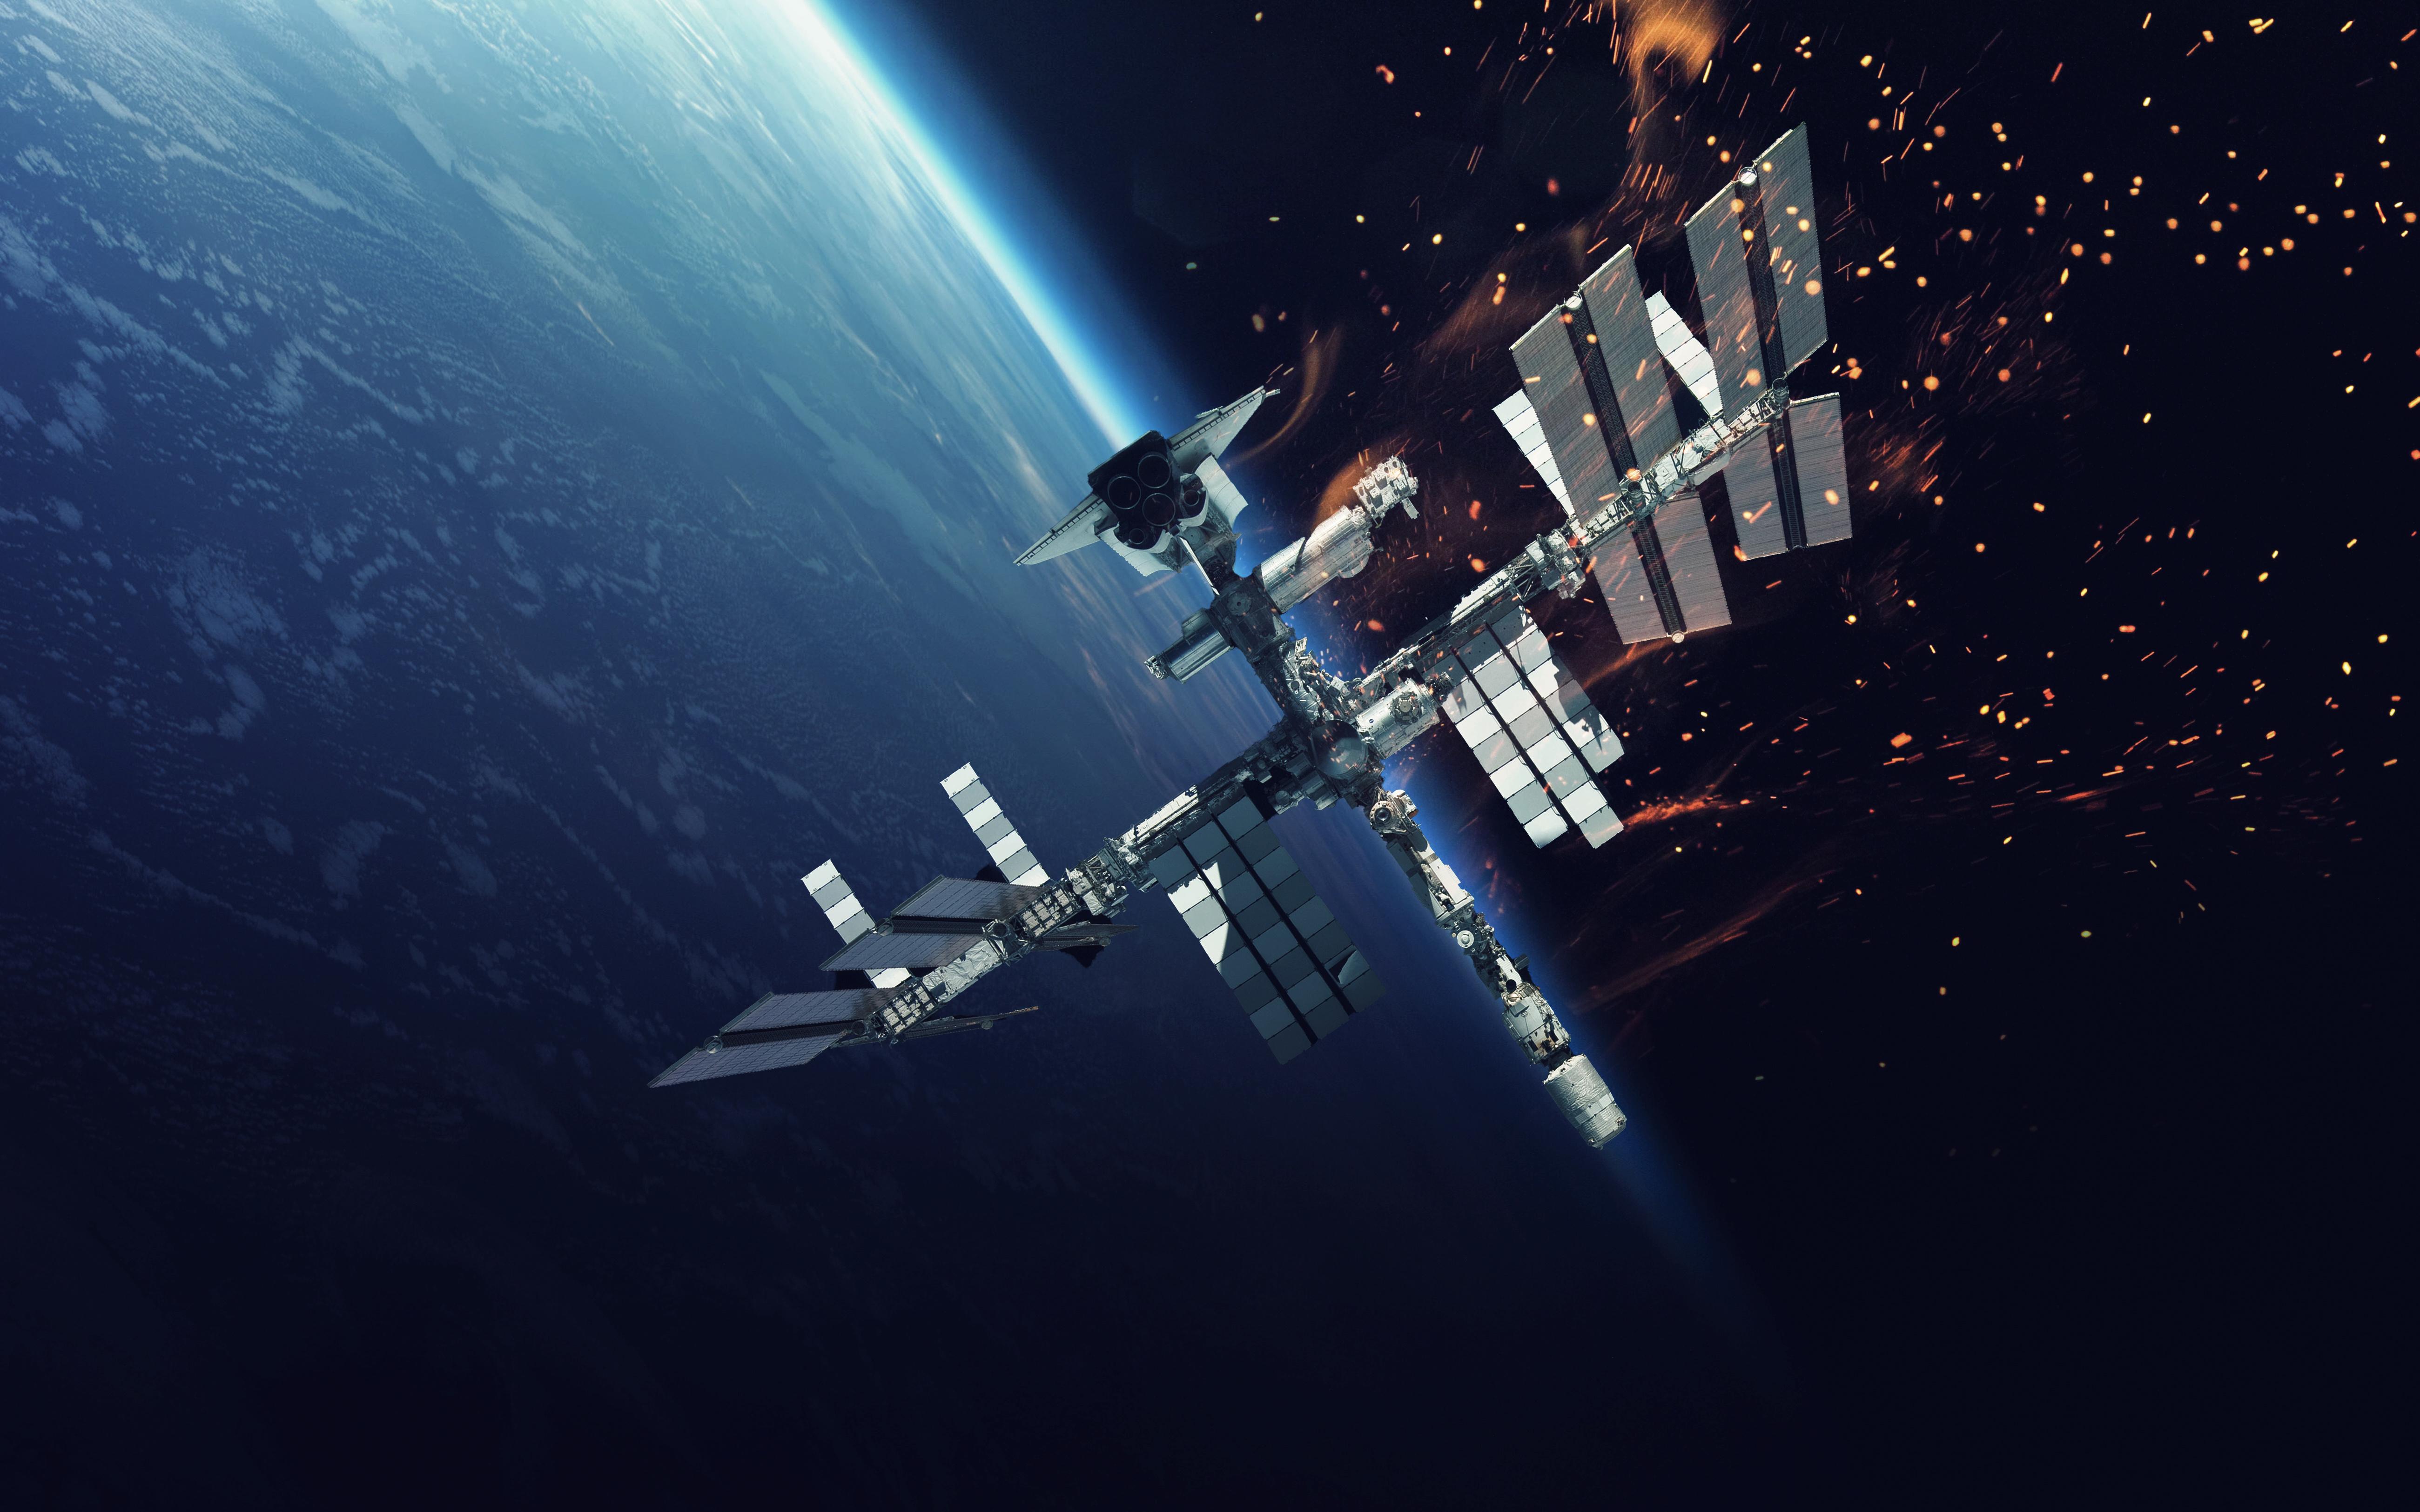 satellite sci fi nasa - photo #2